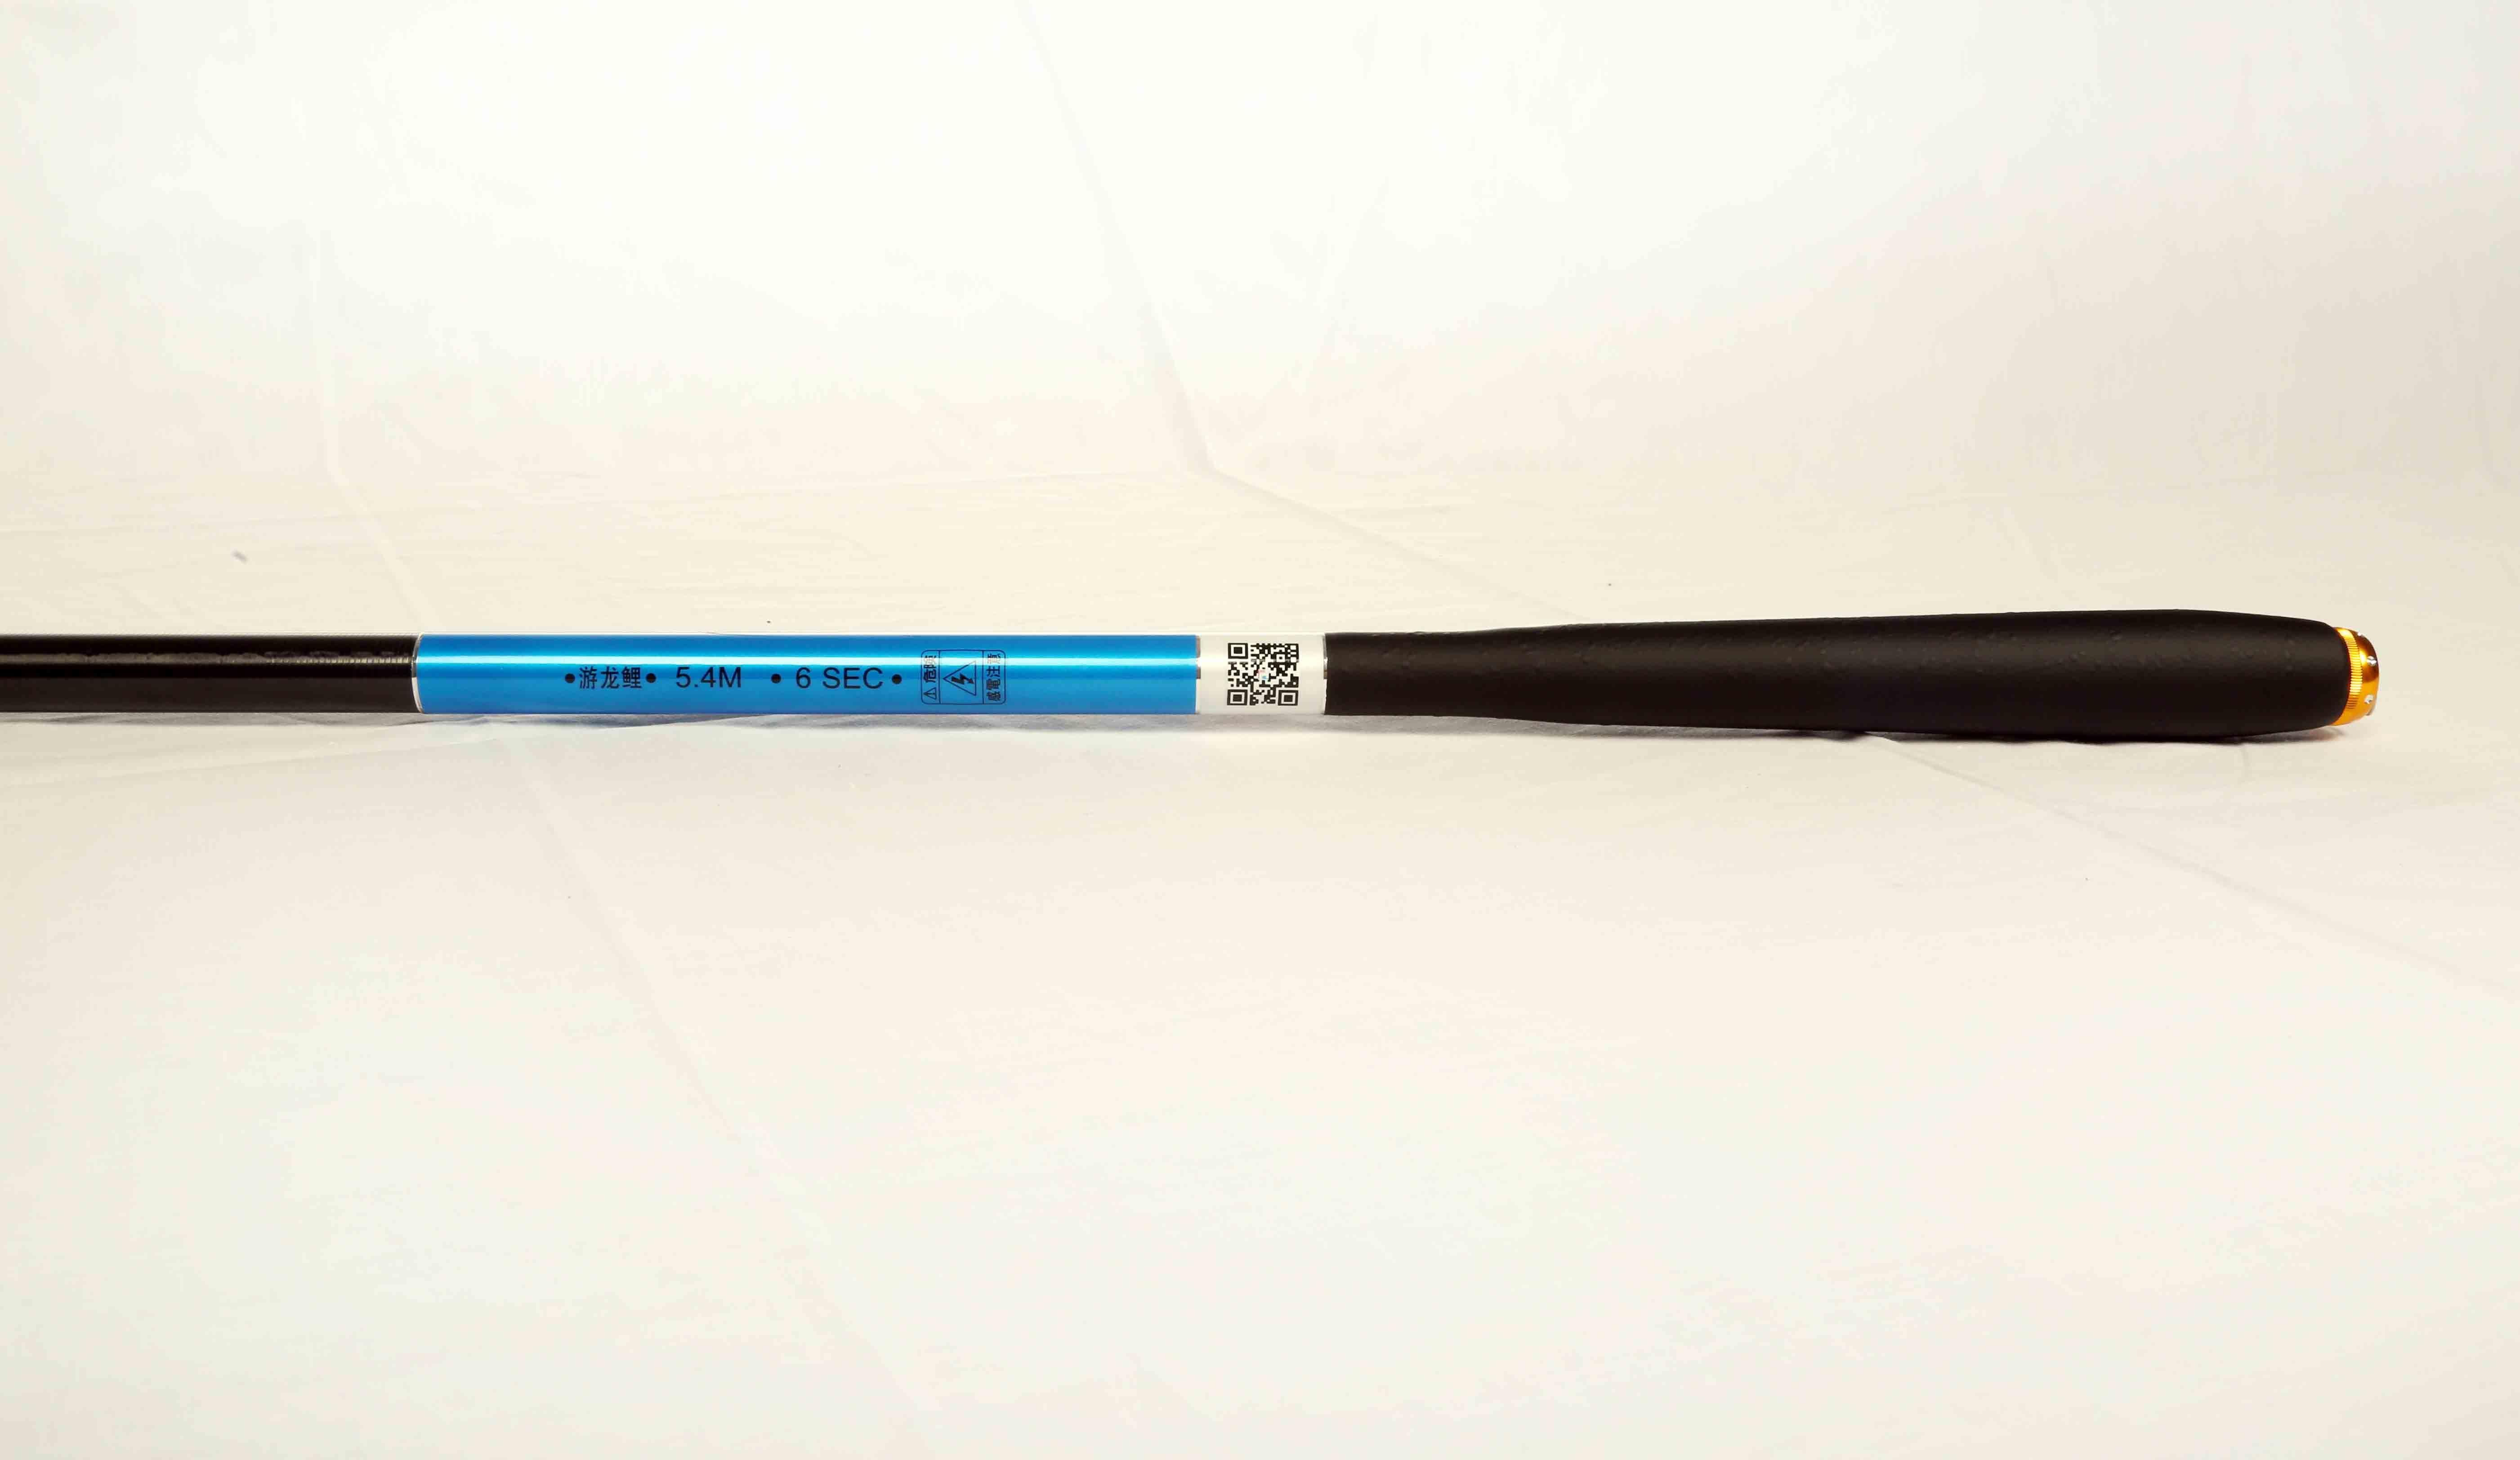 Carbon Fiber Fishing Rod for Entertaining